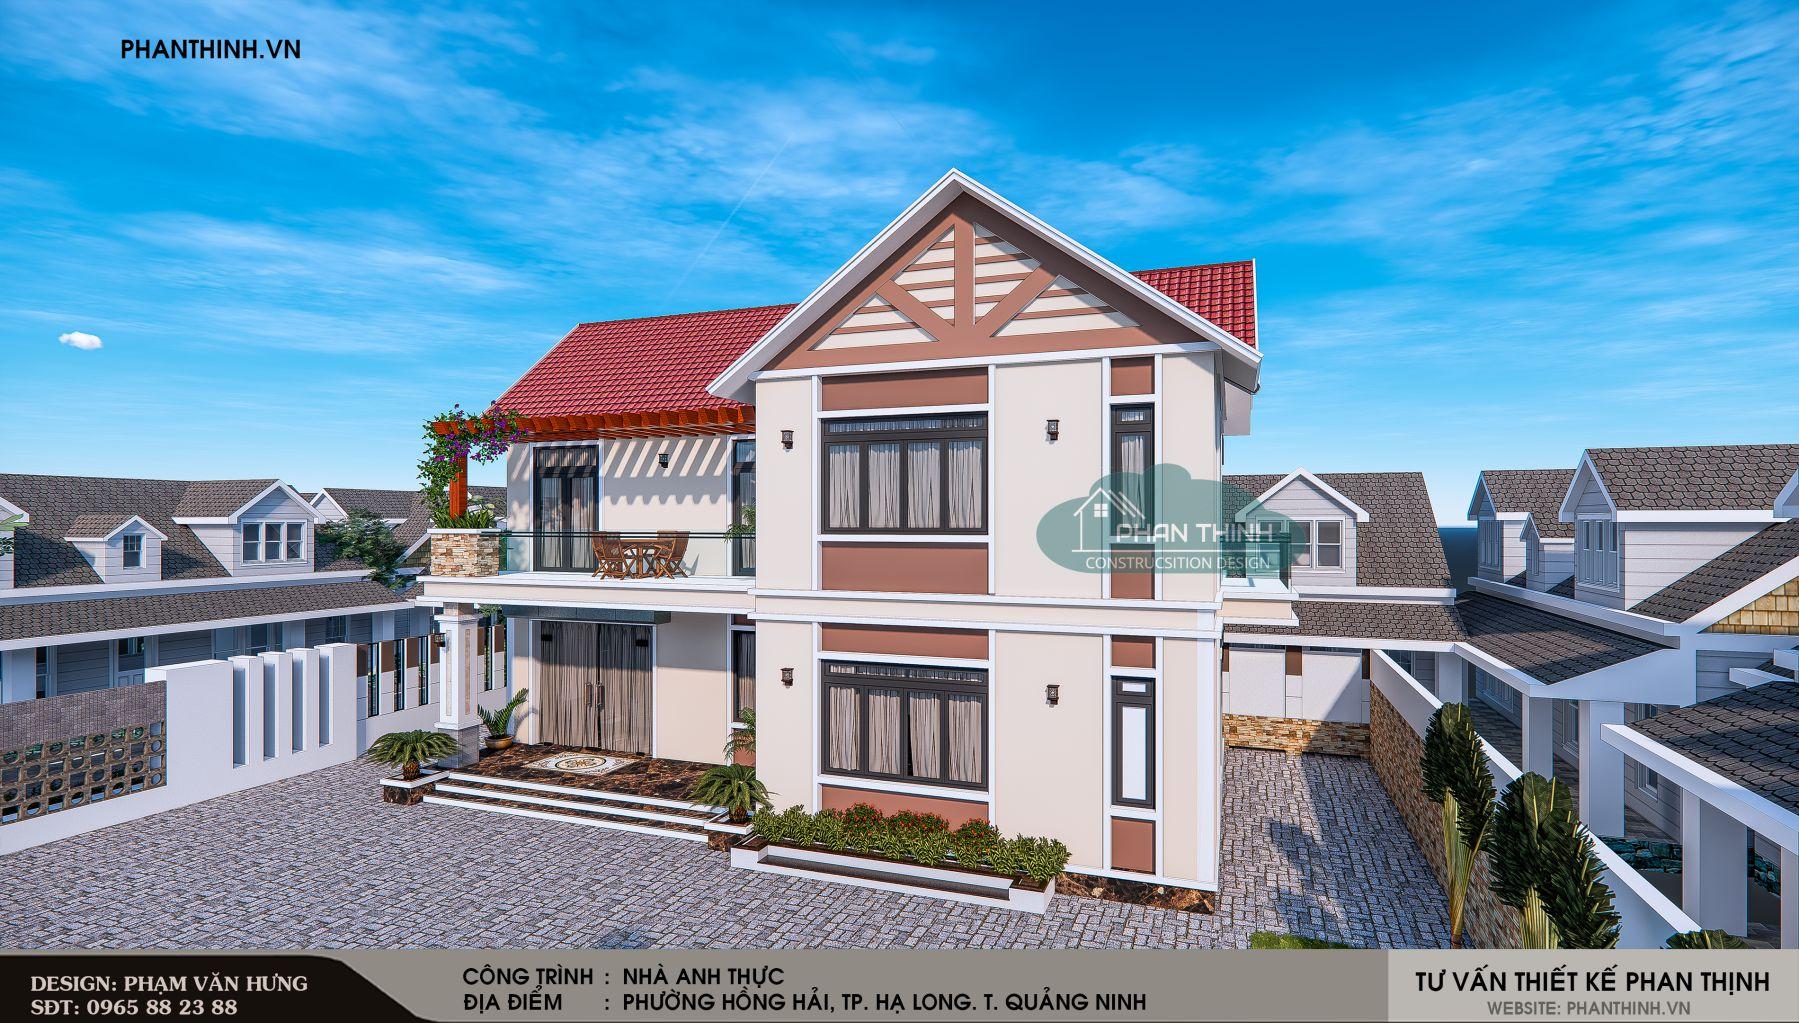 Thiết kế phối cảnh nhà mái thái 2 tầng đẹp tại Quảng Ninh